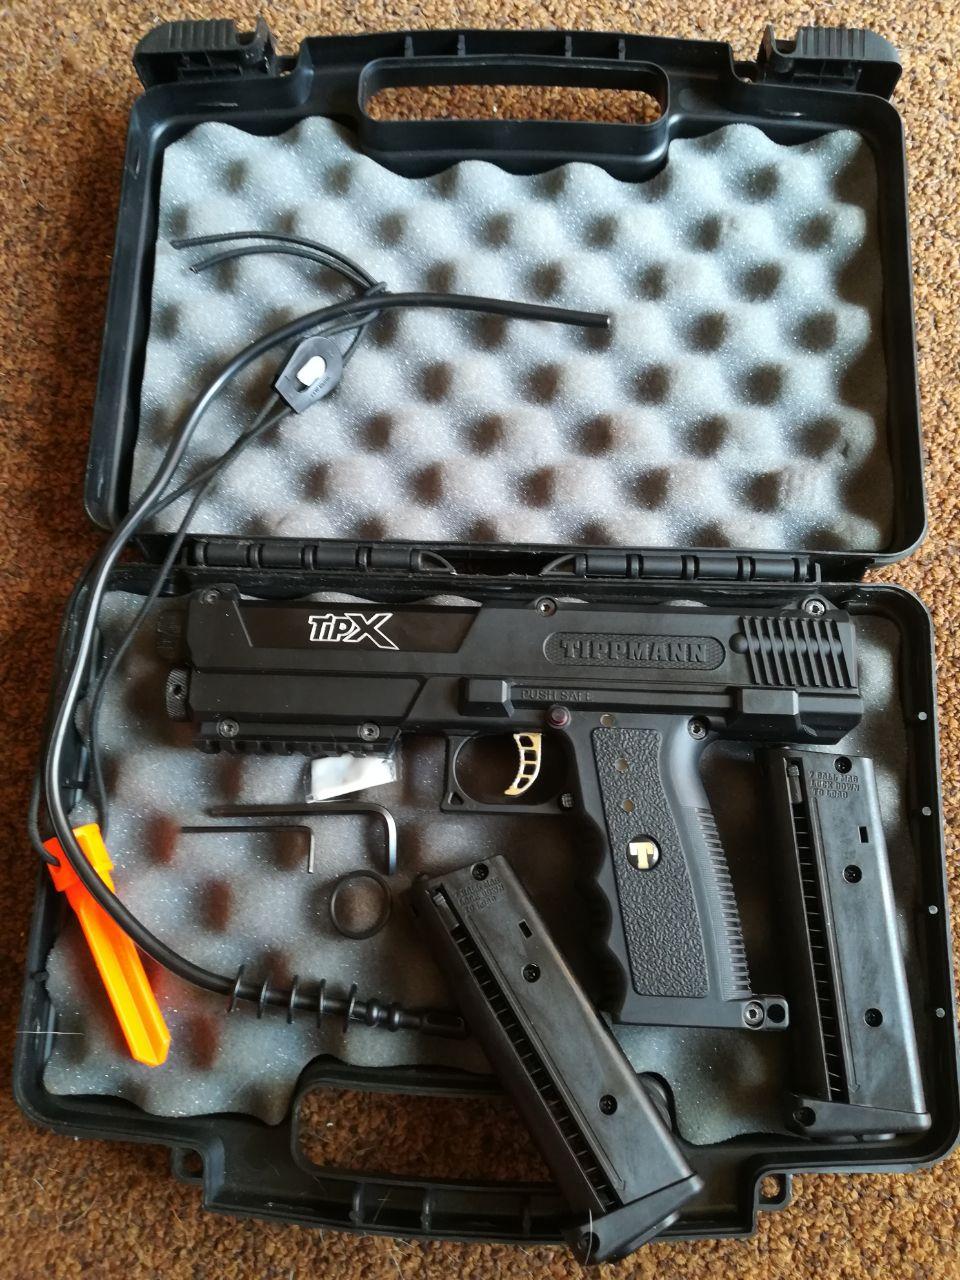 Tippman Tipz paintball gun + case